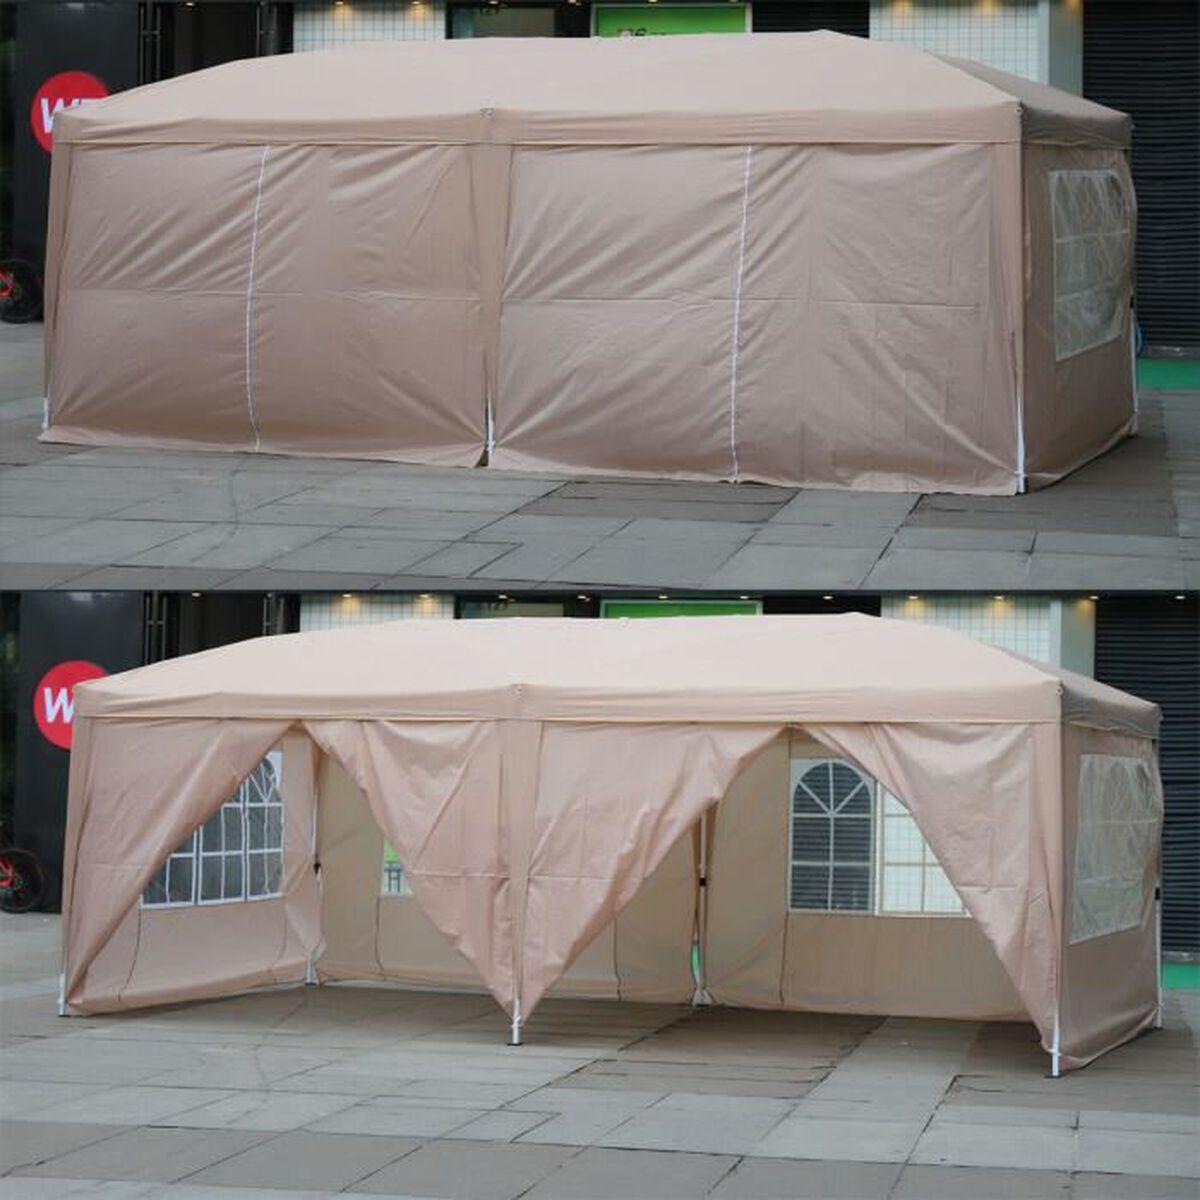 Tonnelle Kiosque De Jardin 3x6m tonnelle de jardin/tonnelle pliant/tente/gazebo/fête et